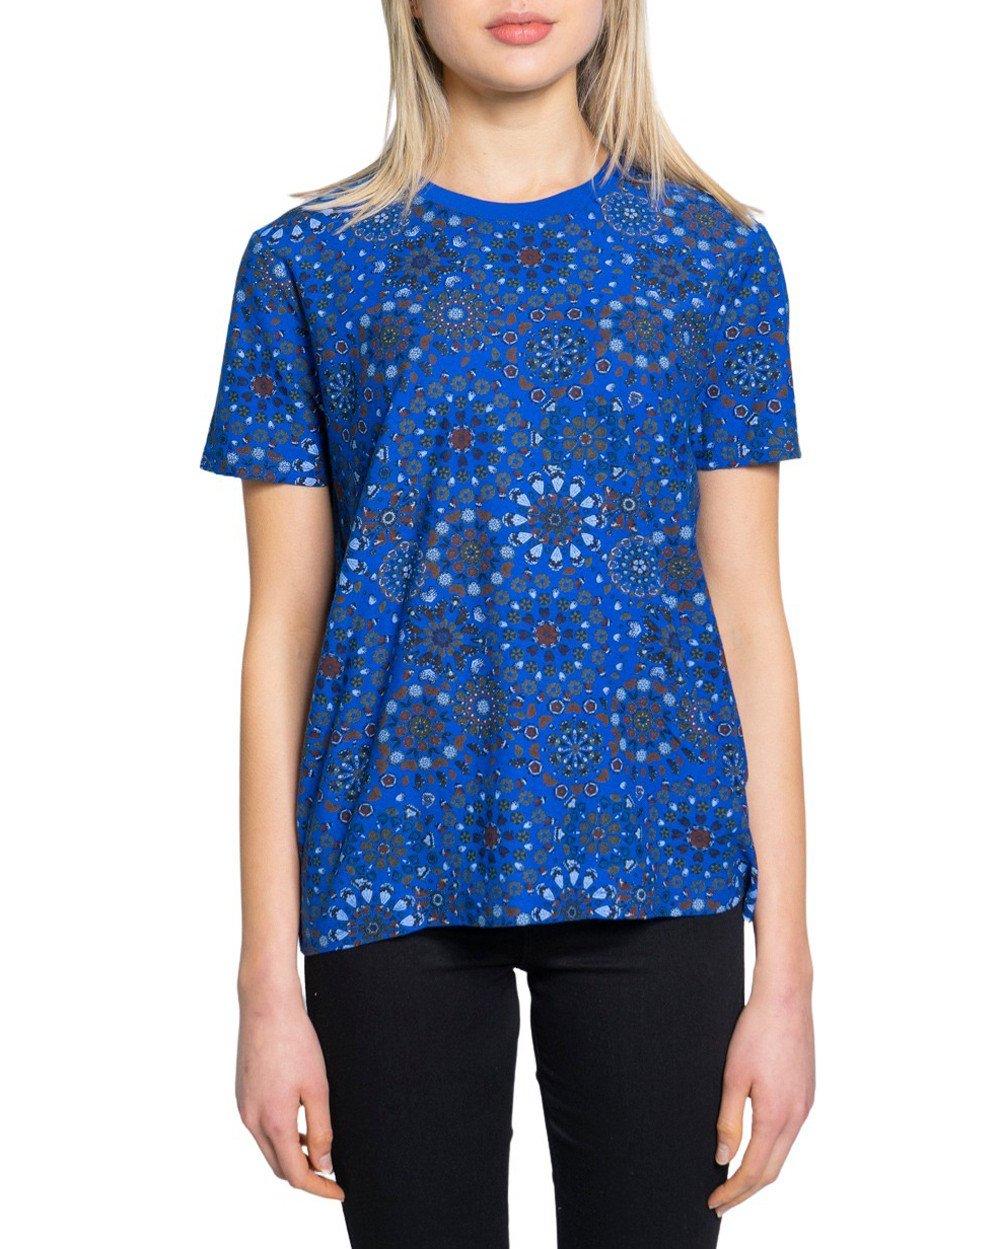 Desigual Women's T-Shirt Various Colours 189400 - light blue S